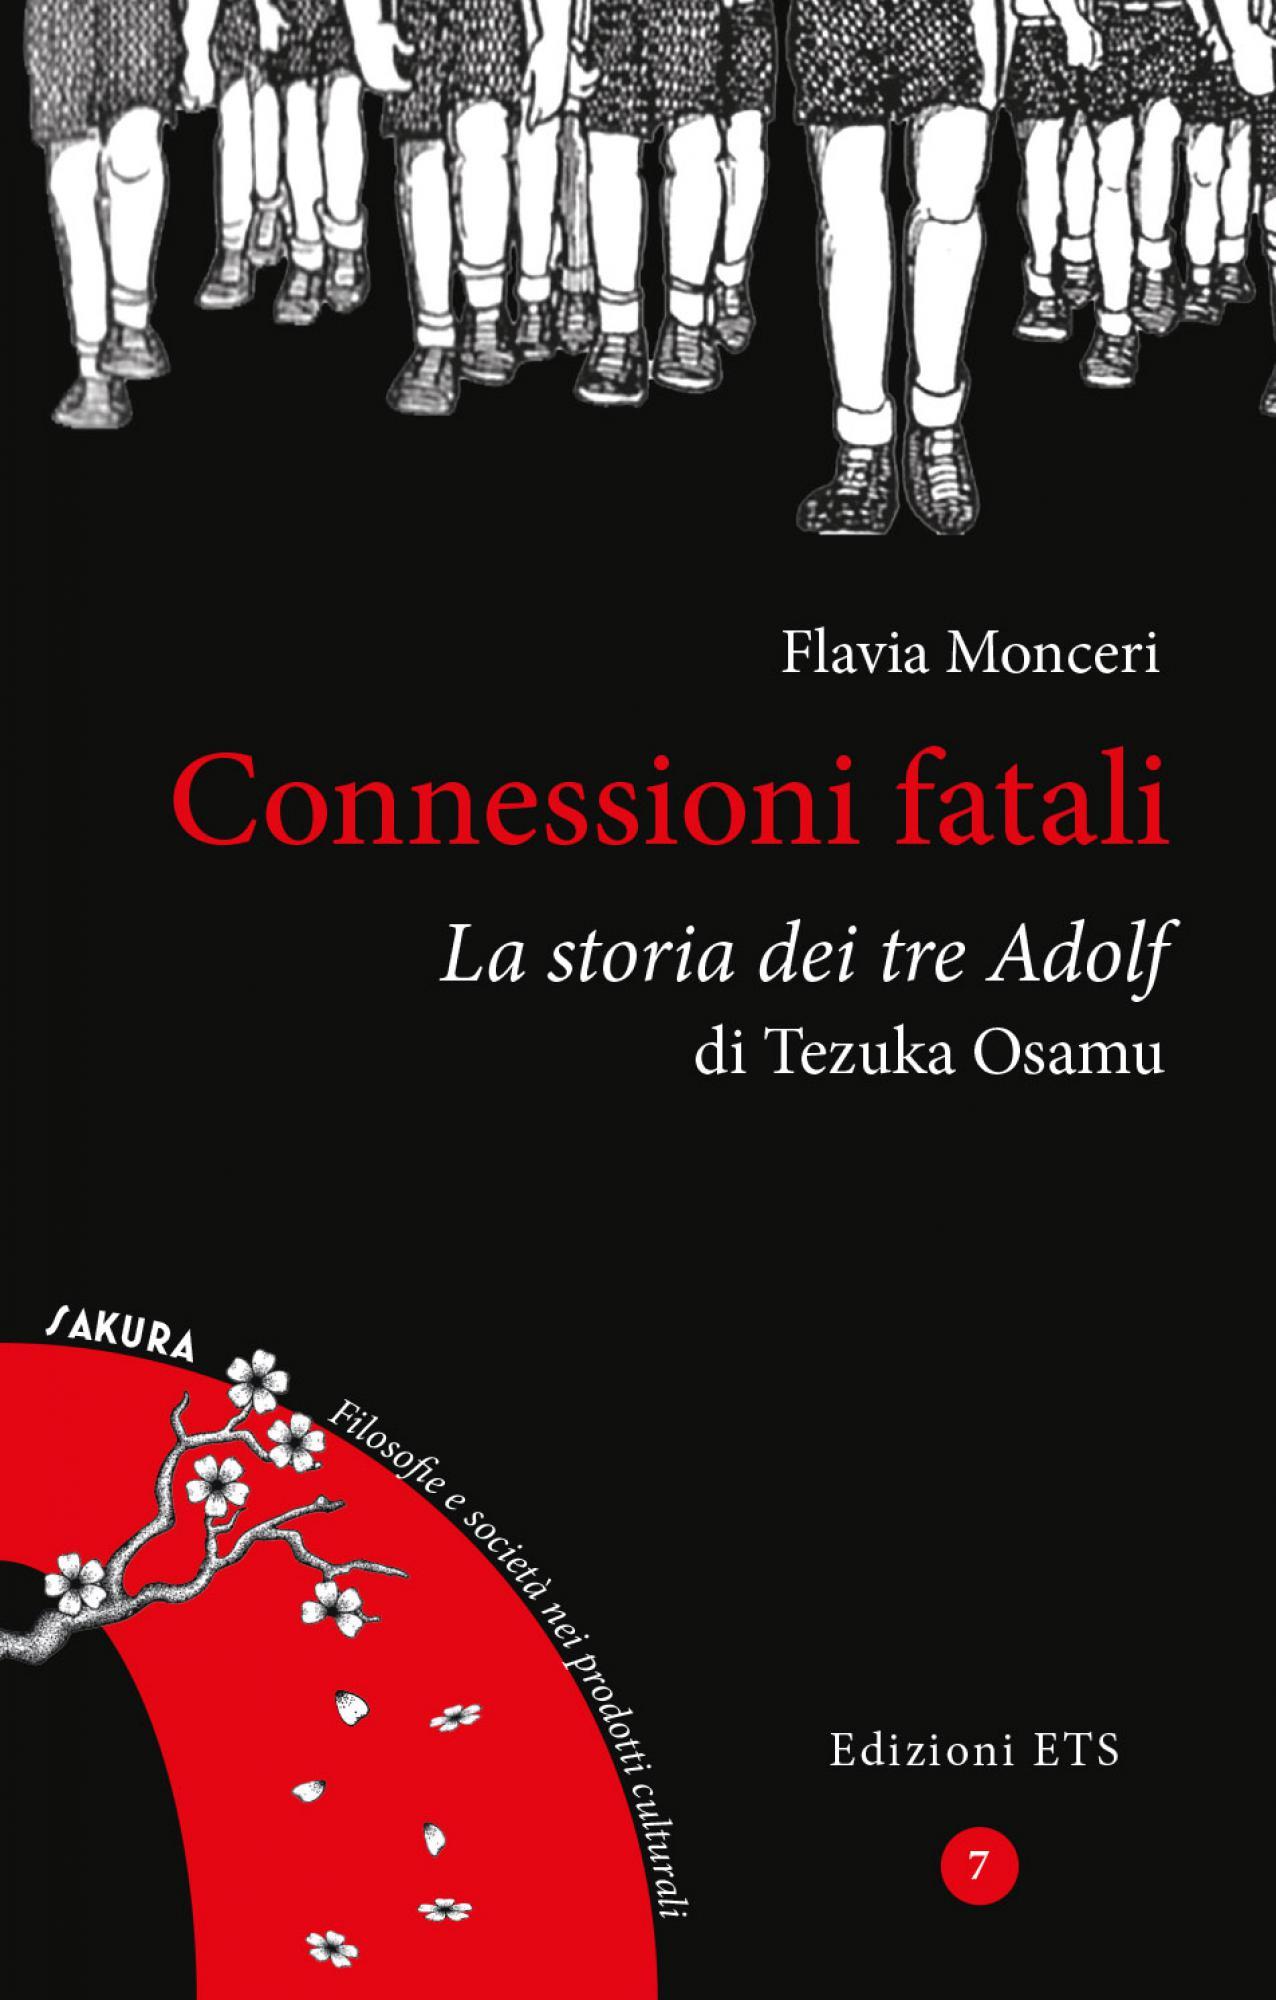 Connessioni fatali.La storia dei tre Adolf di Tezuka Osamu